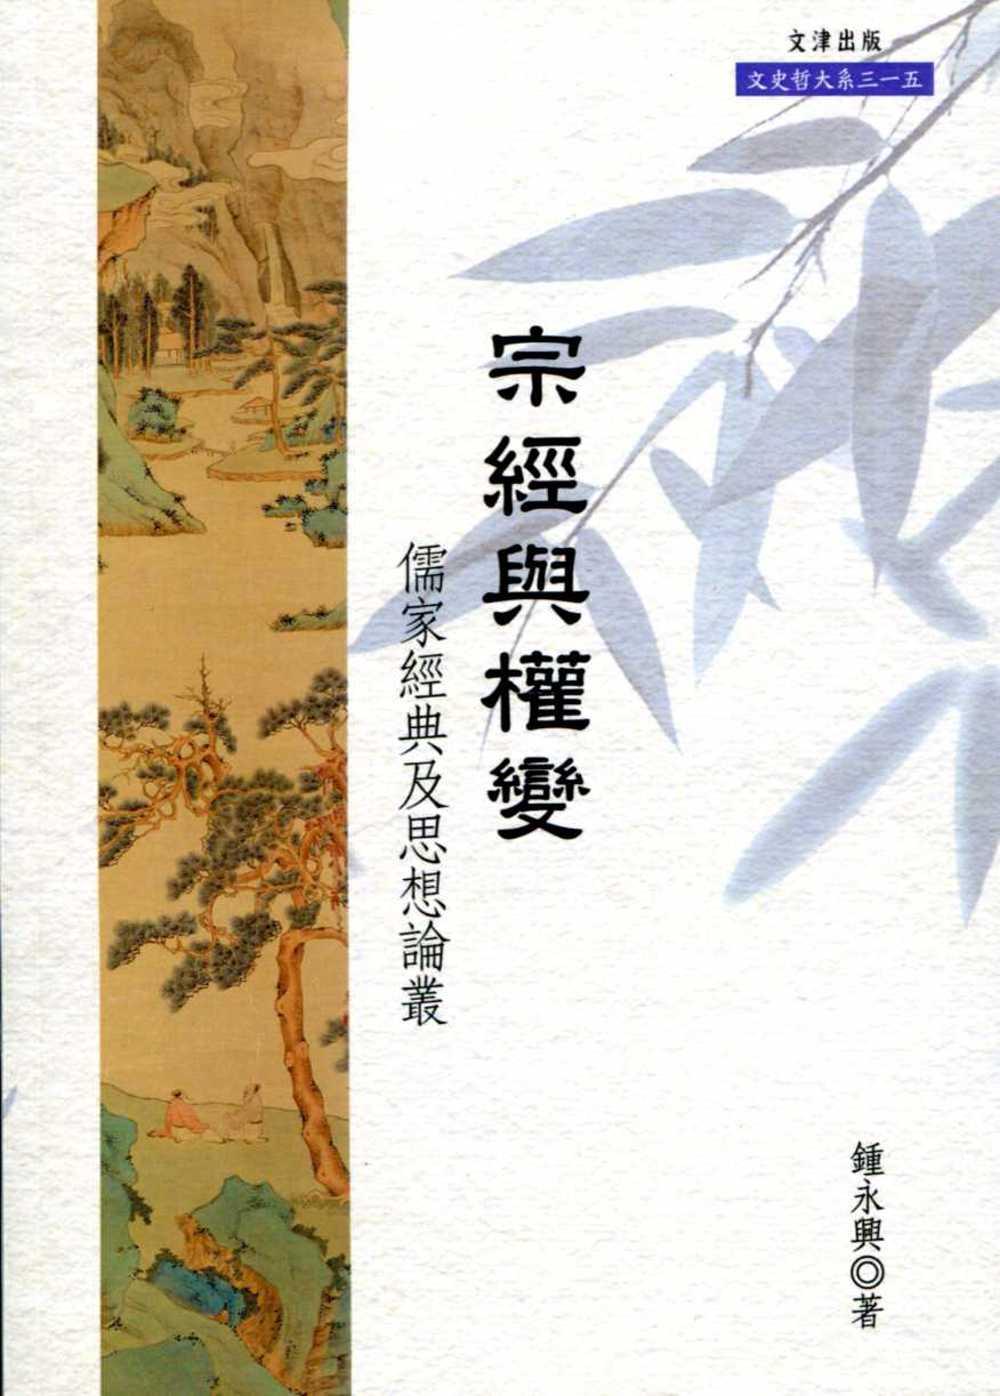 宗經與權變:儒家經典及思想論叢